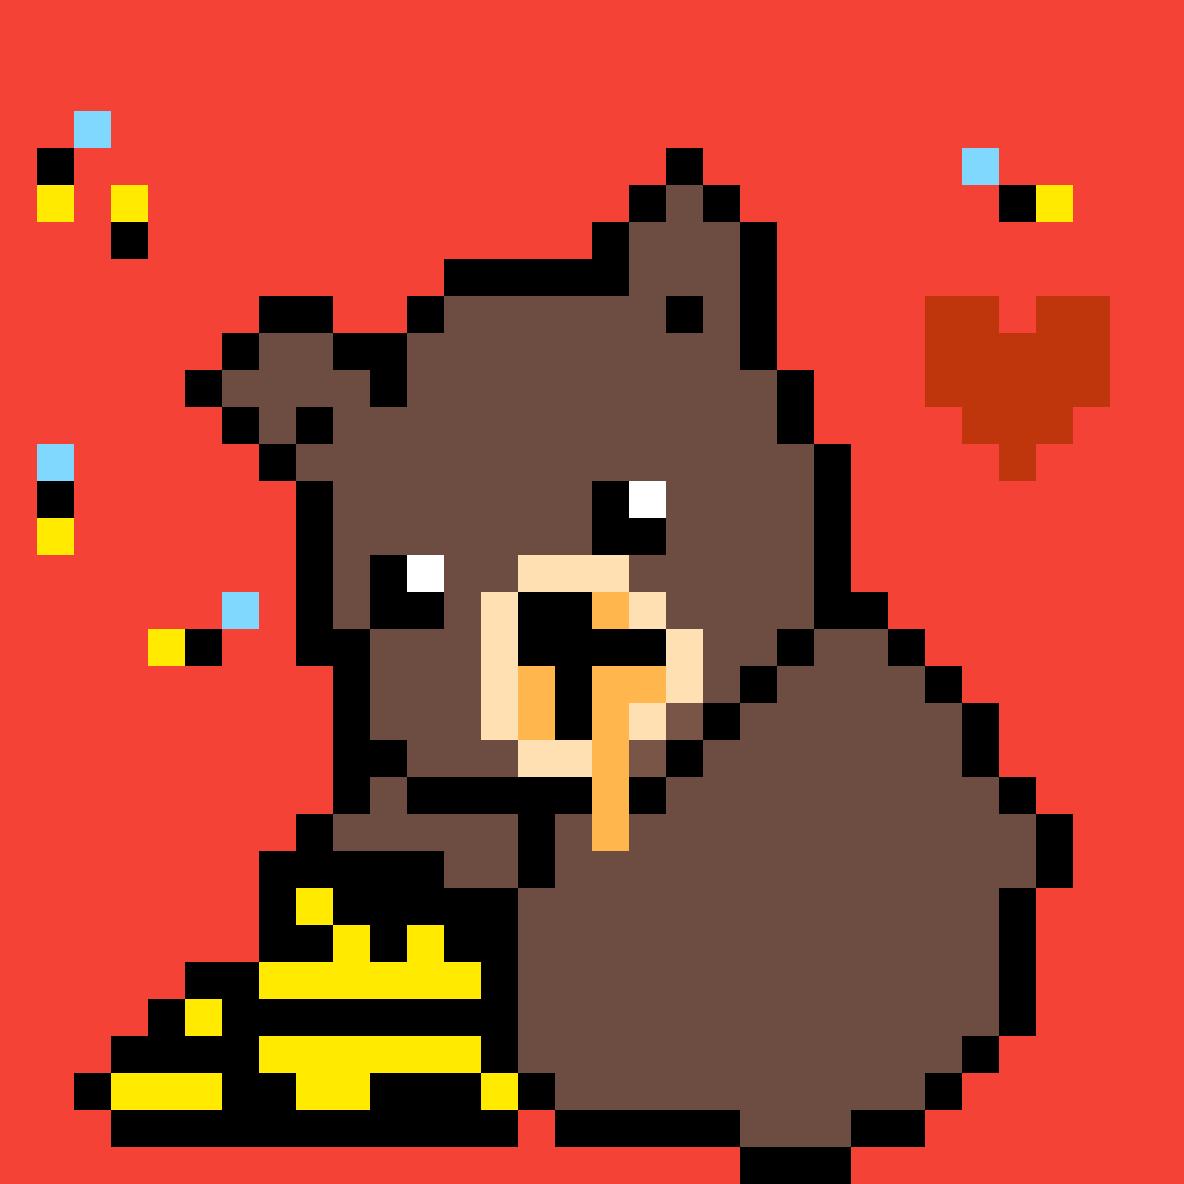 Honey bear oh honey bear by The-Frizzler